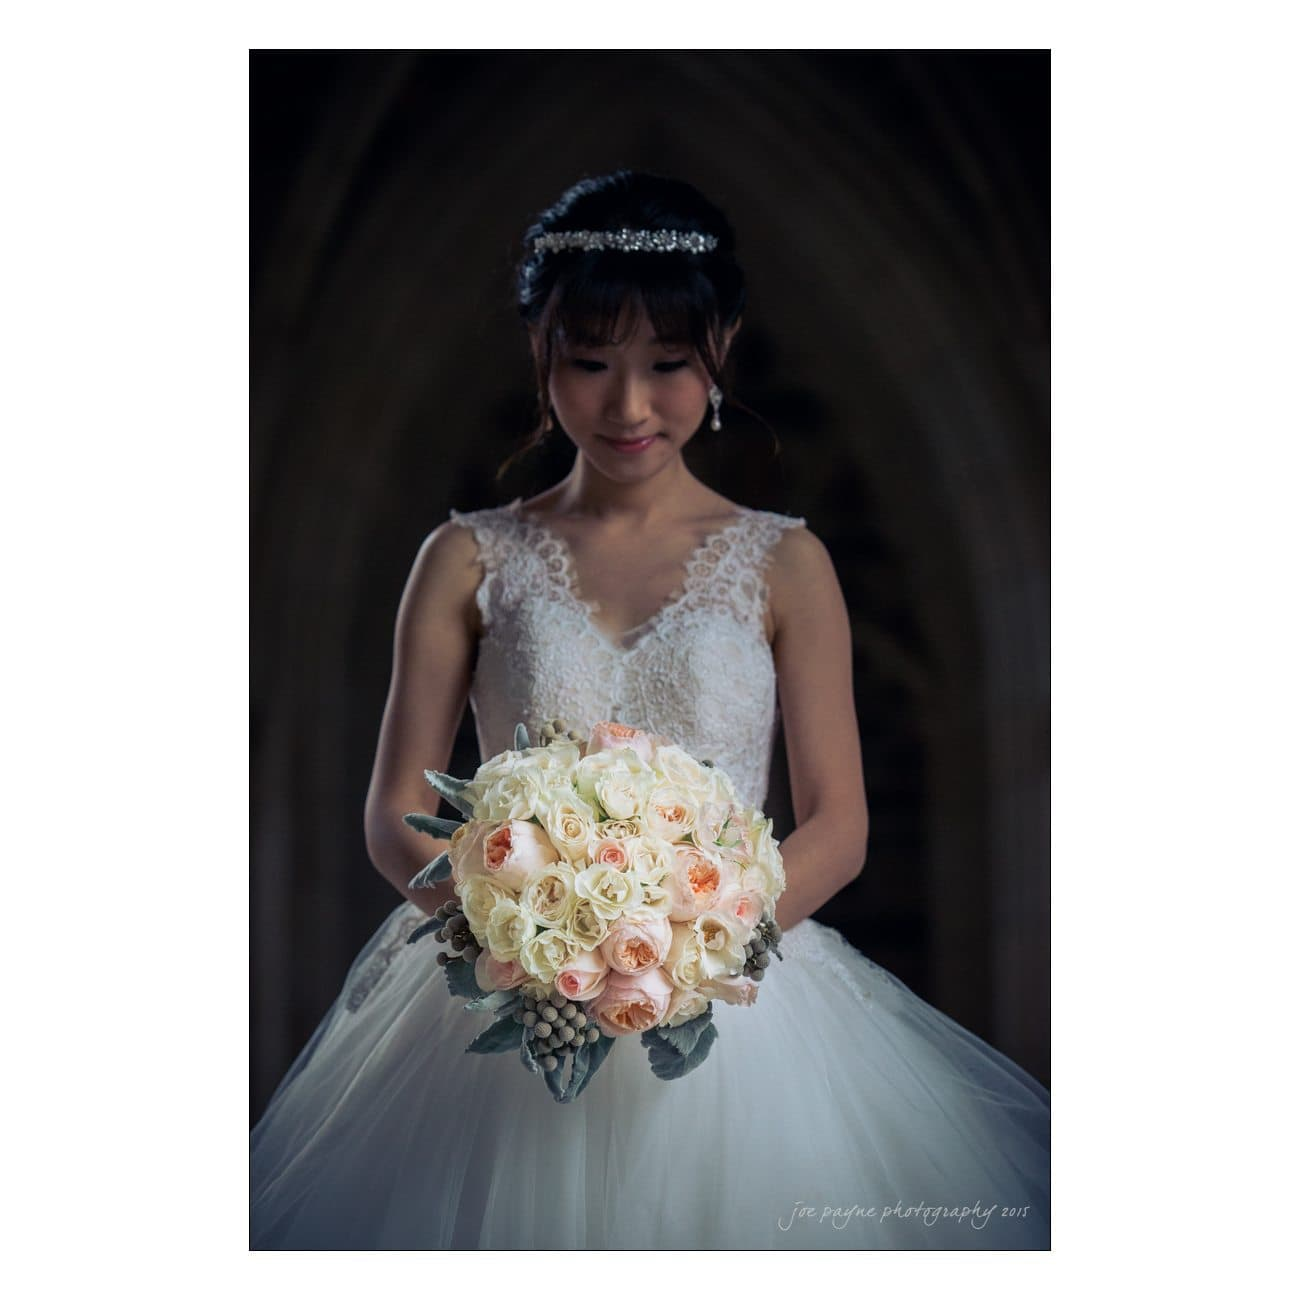 Joanna Shenduo Blog-49